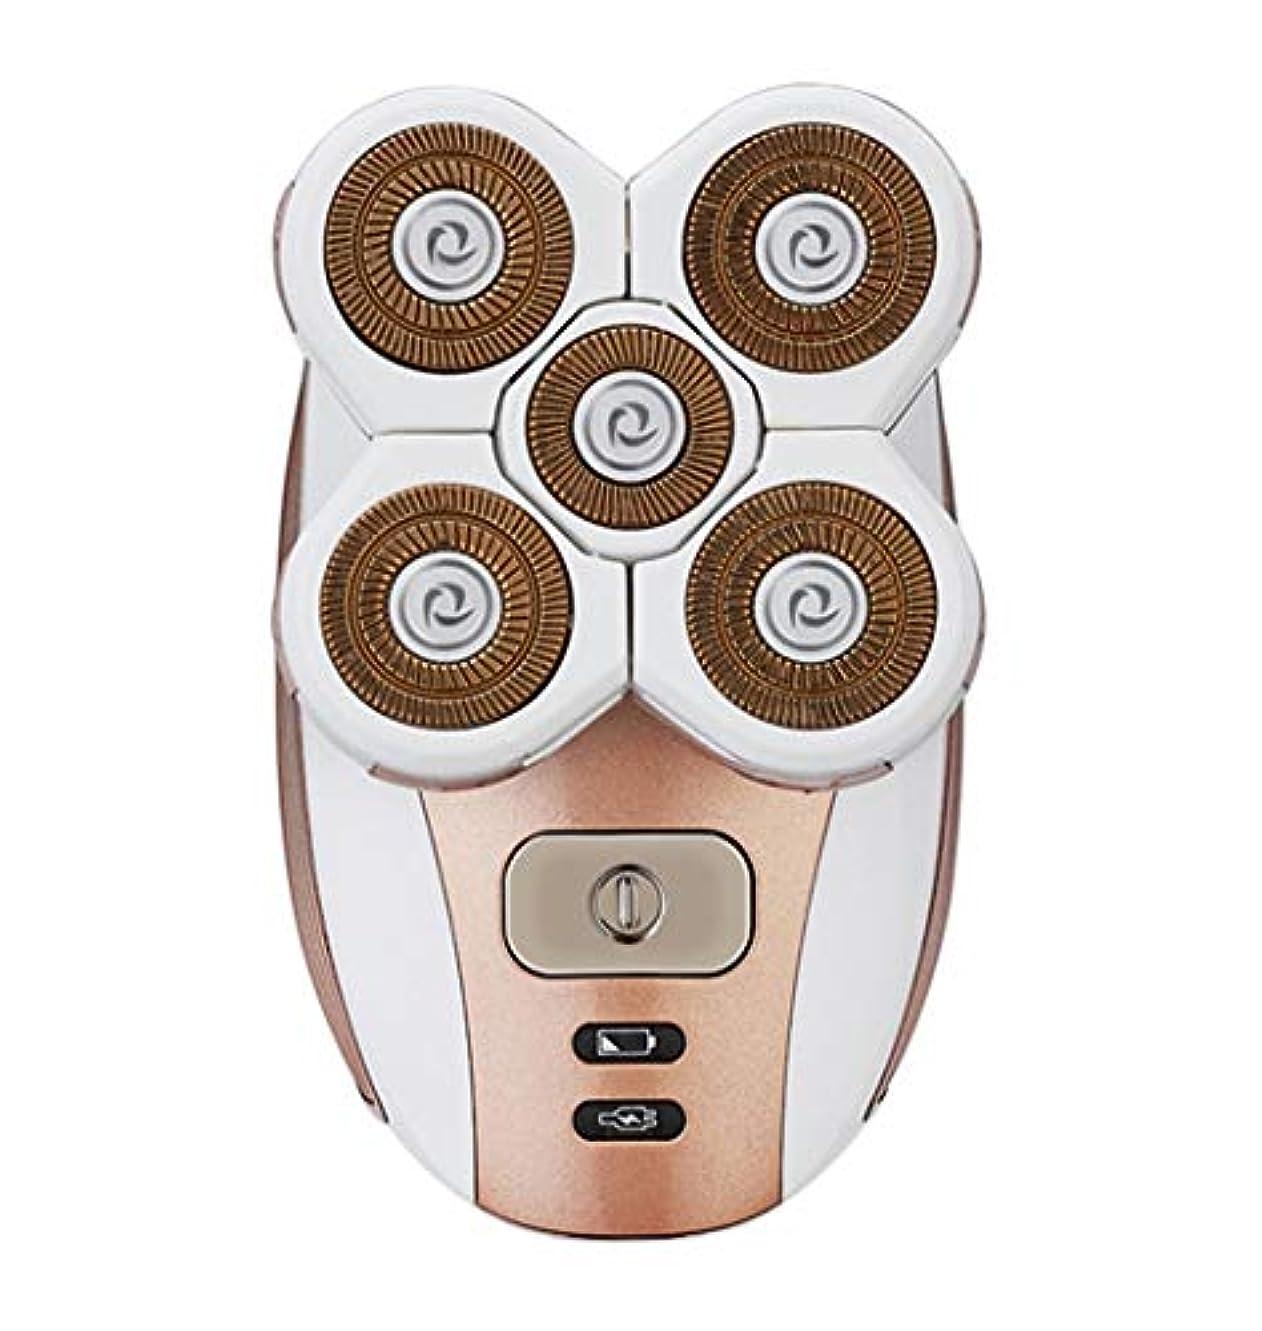 電圧説得PANGU-ZC 電気脱毛装置プライベートパーツシェービング器具脇の下陰毛剃毛レディーシェーバー - 脱毛器 7702